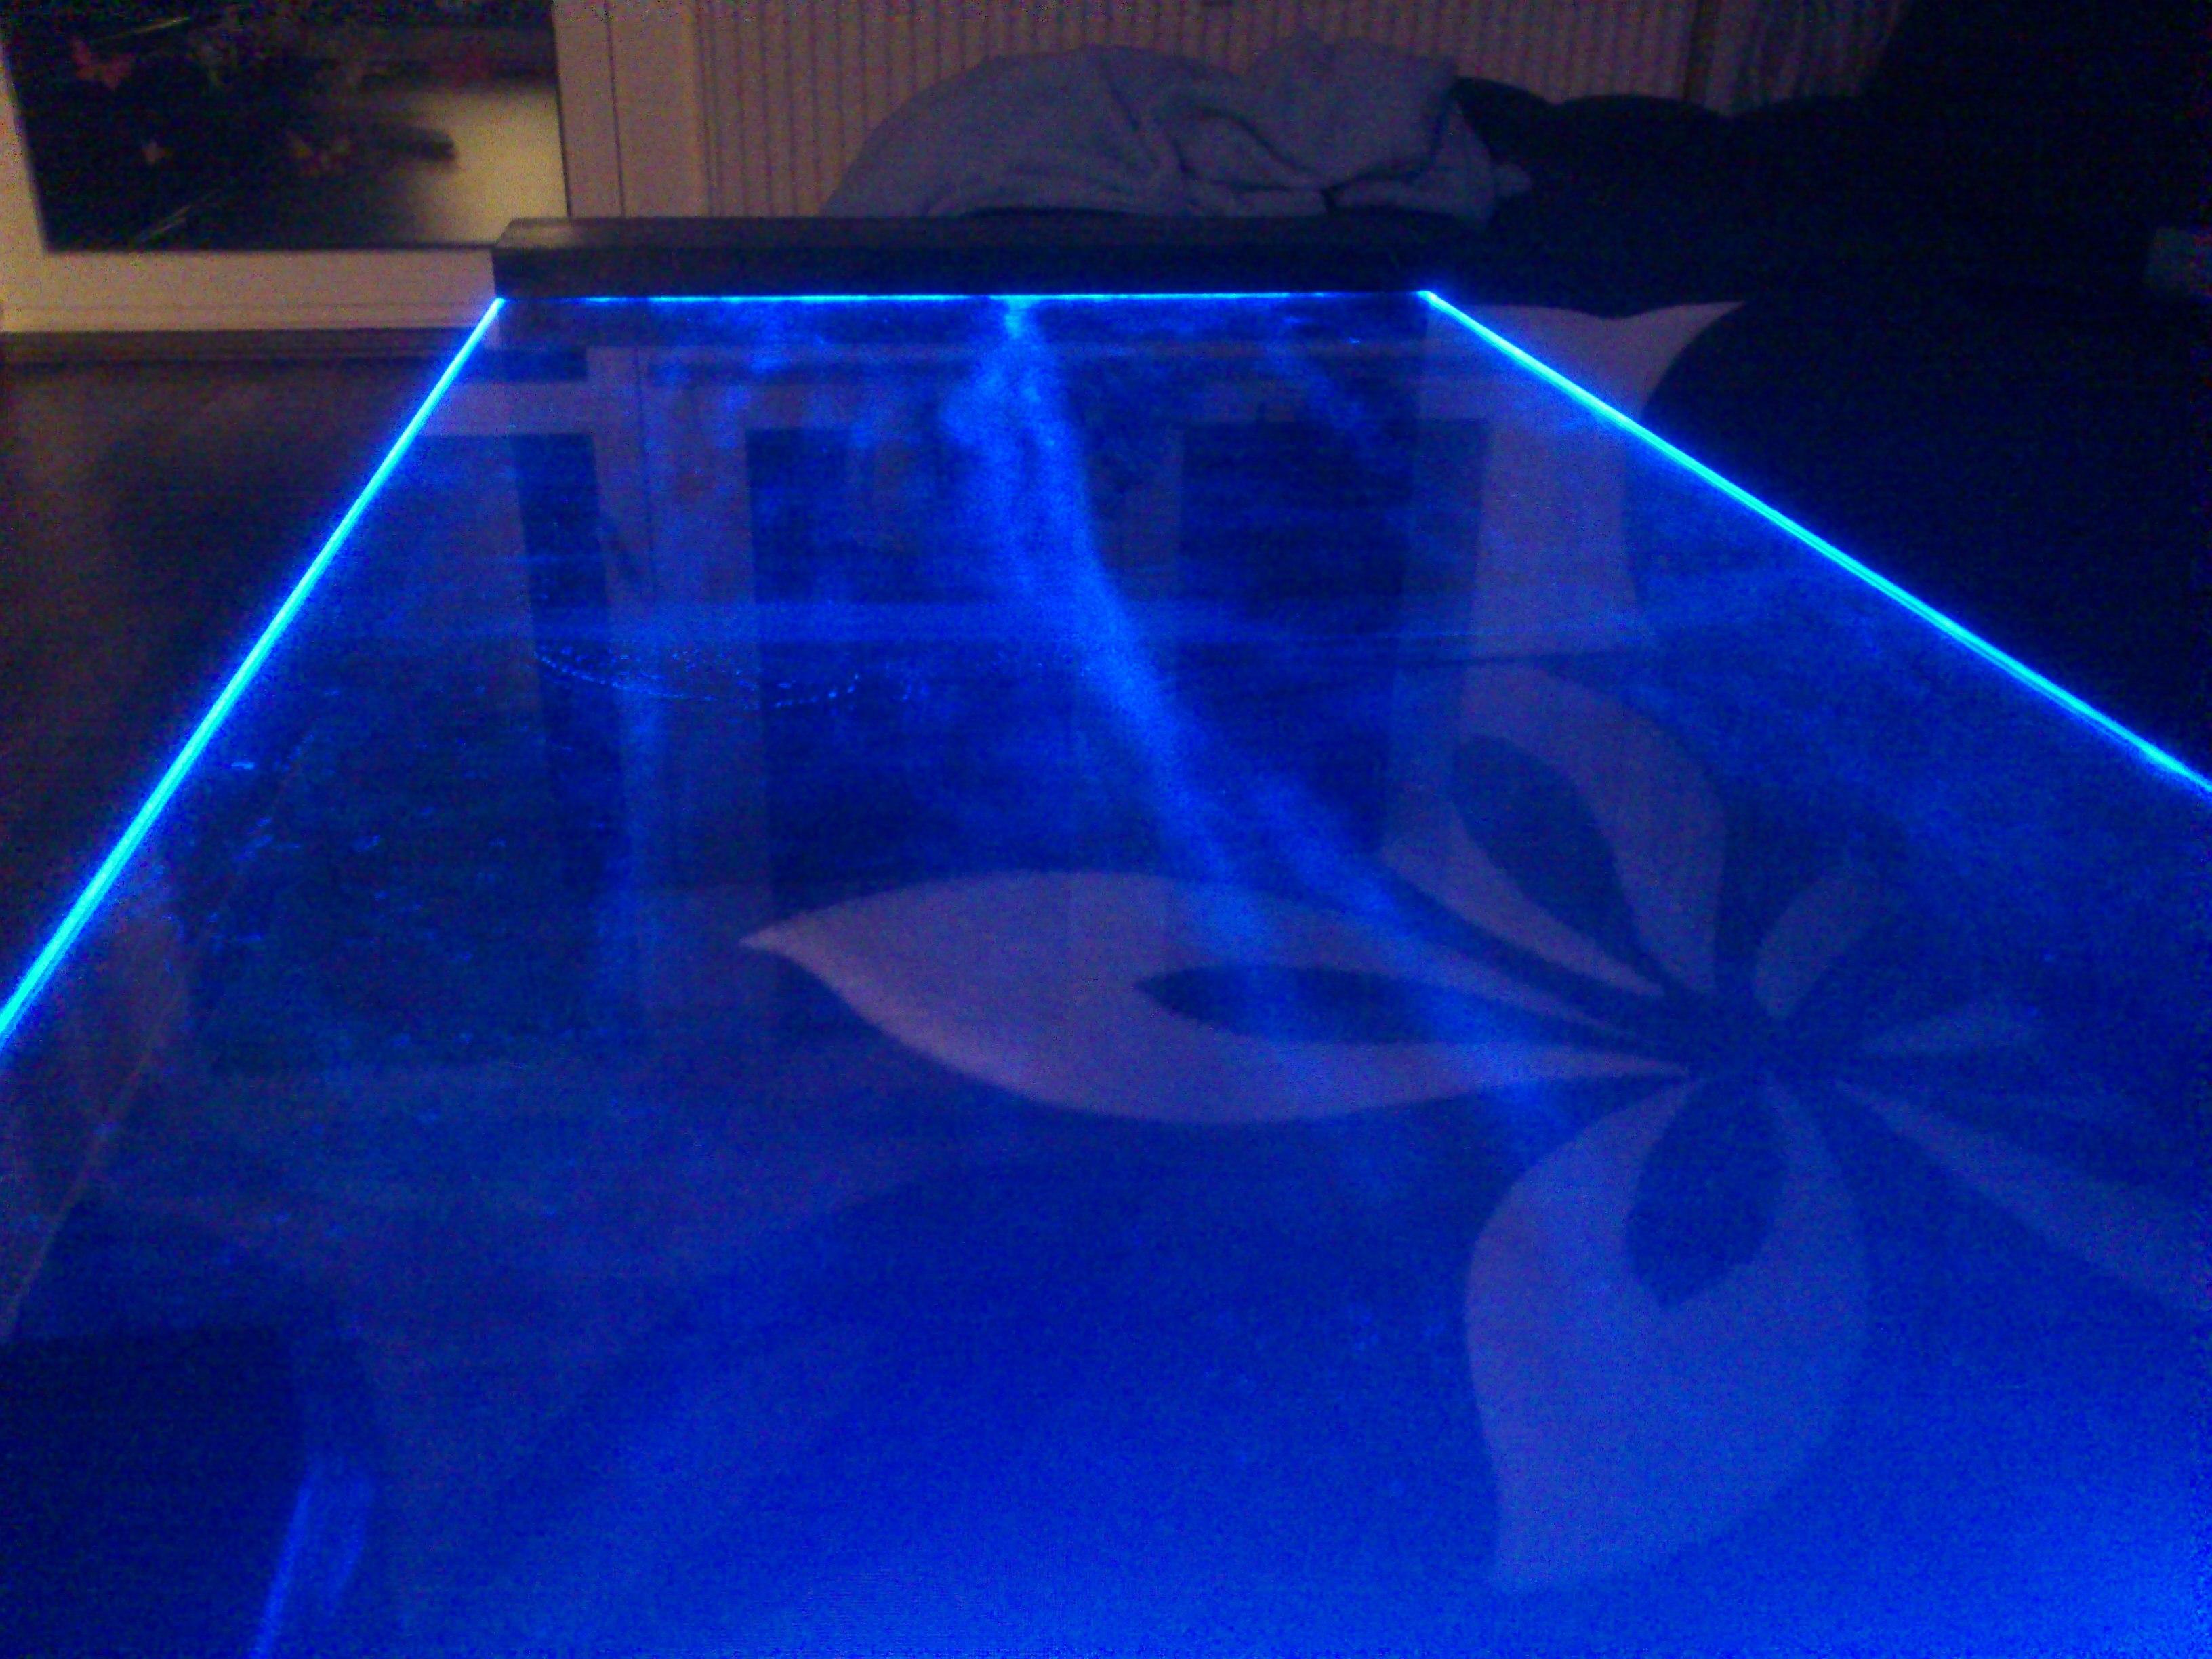 glasplatte mit led beleuchtung polieren m glich wer weiss. Black Bedroom Furniture Sets. Home Design Ideas